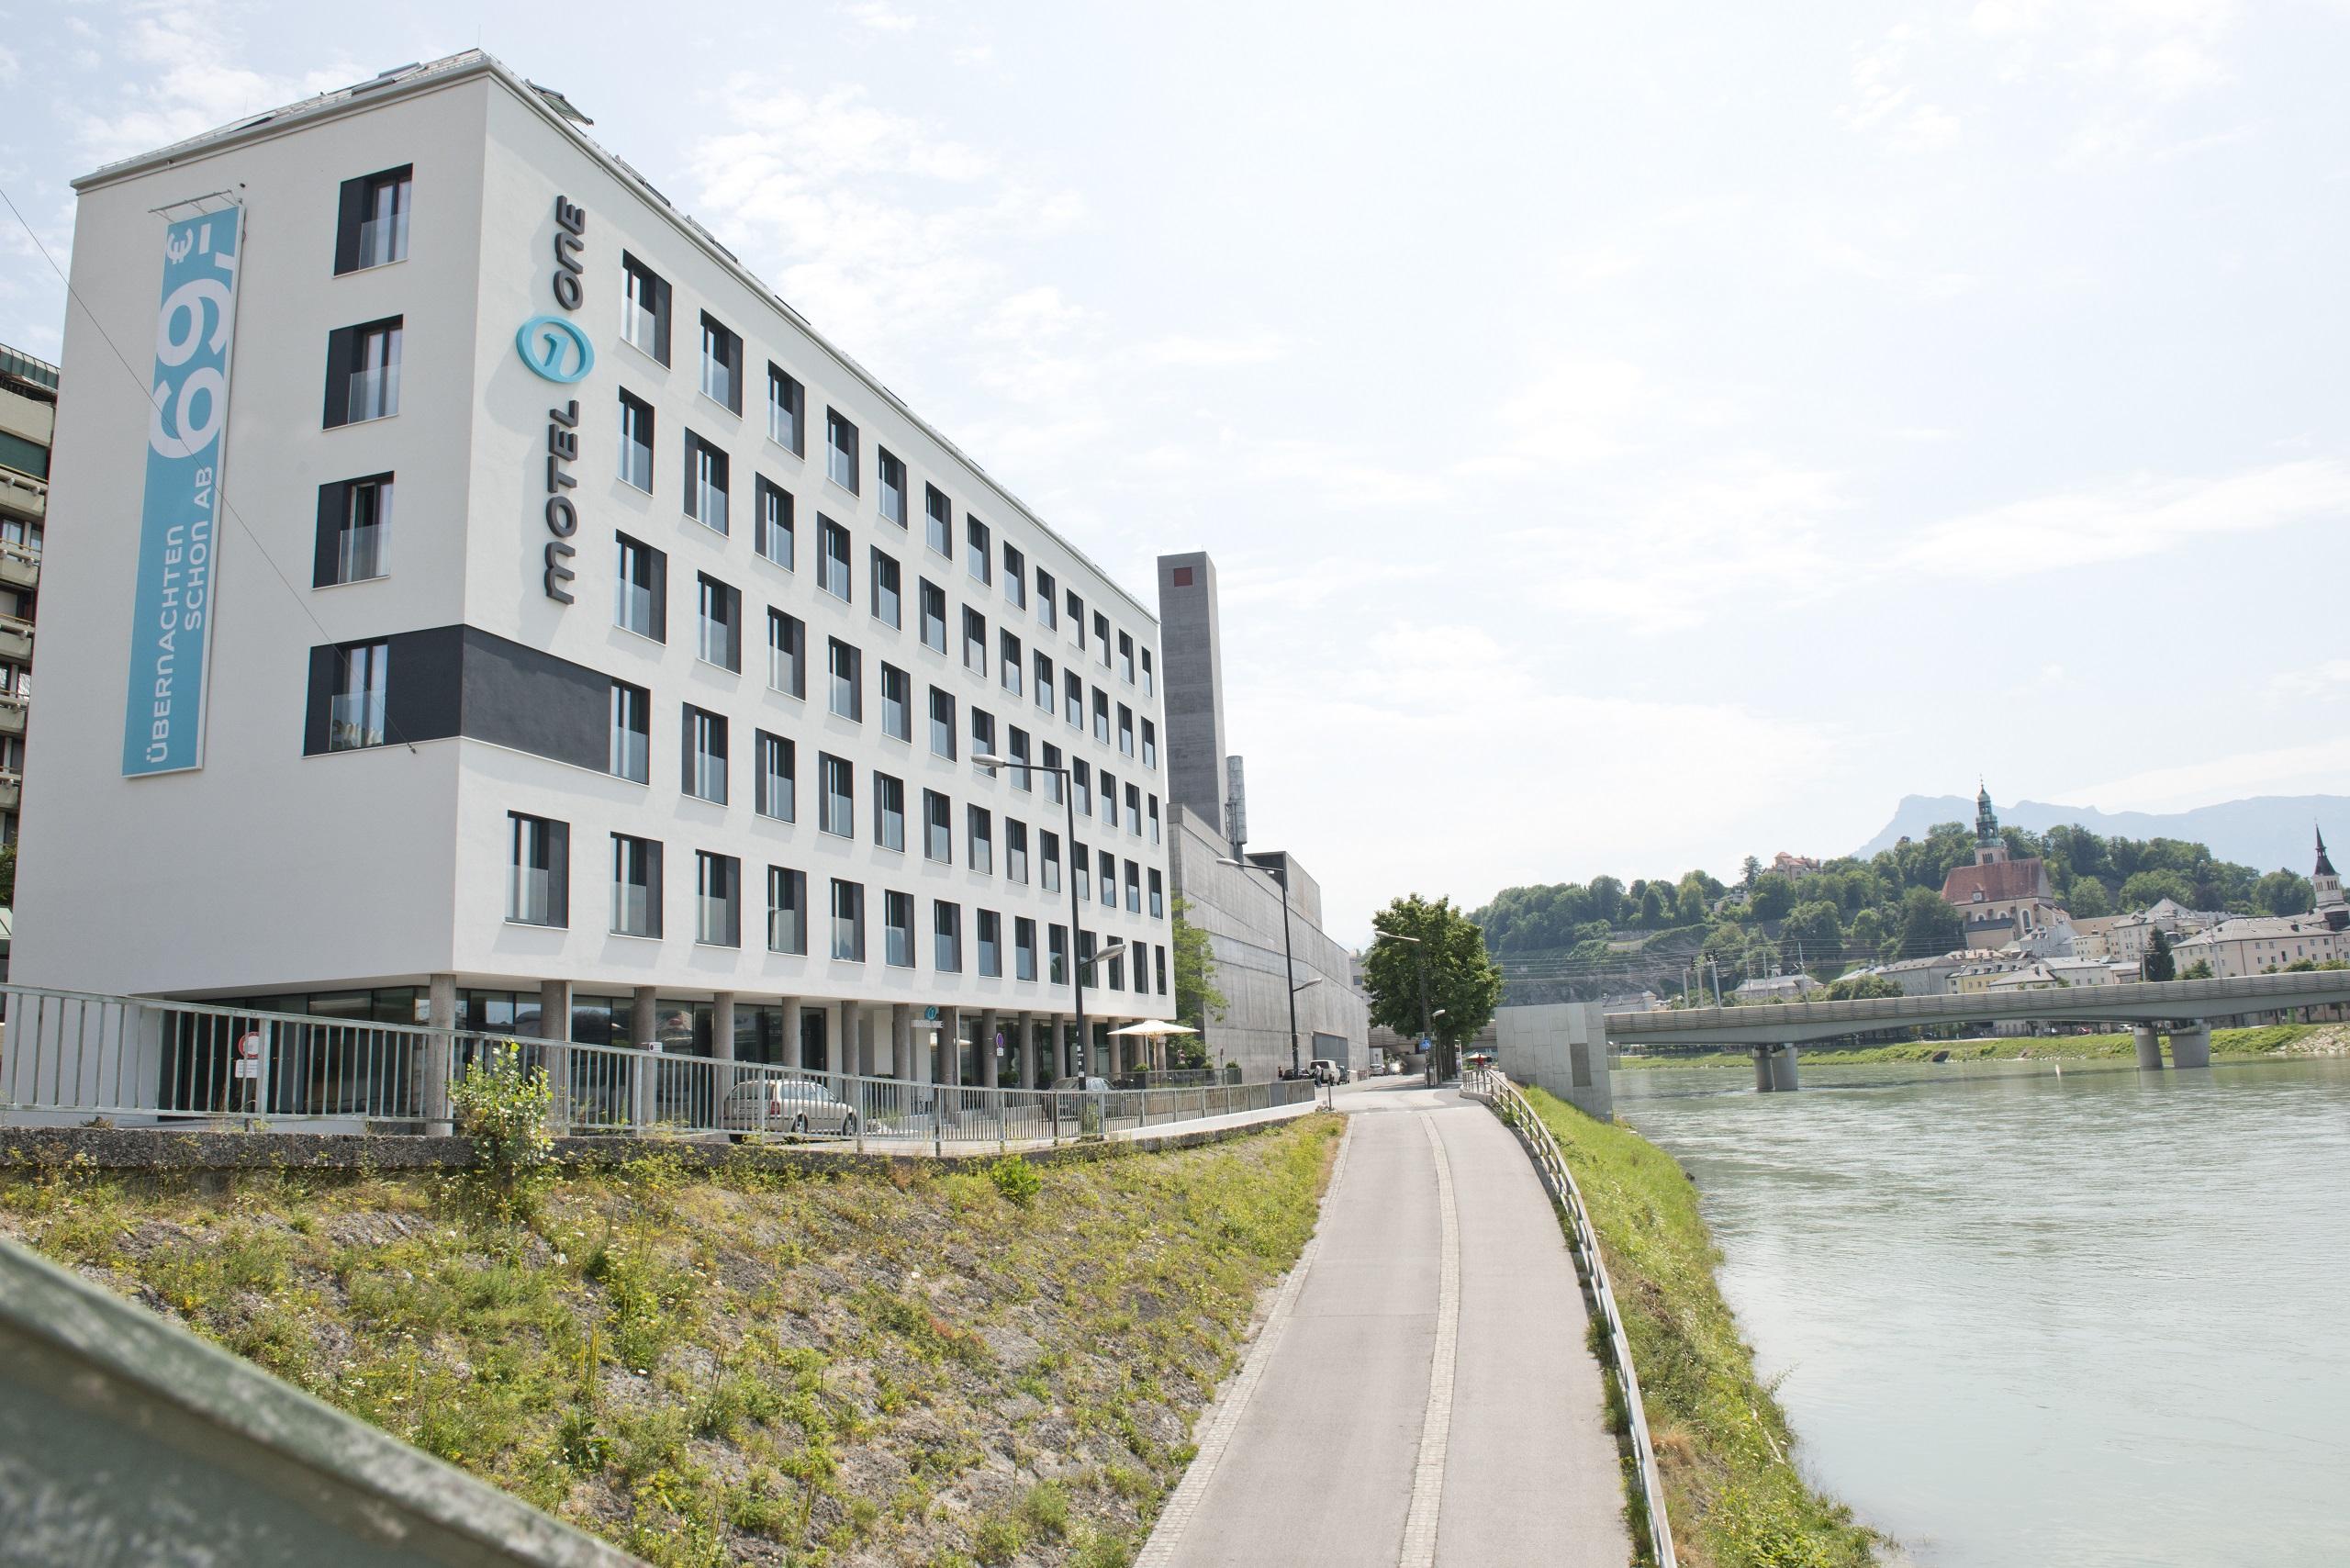 Bremen Motel One hotel salzburg-mirabell motel one | design hotels salzburg mirabell